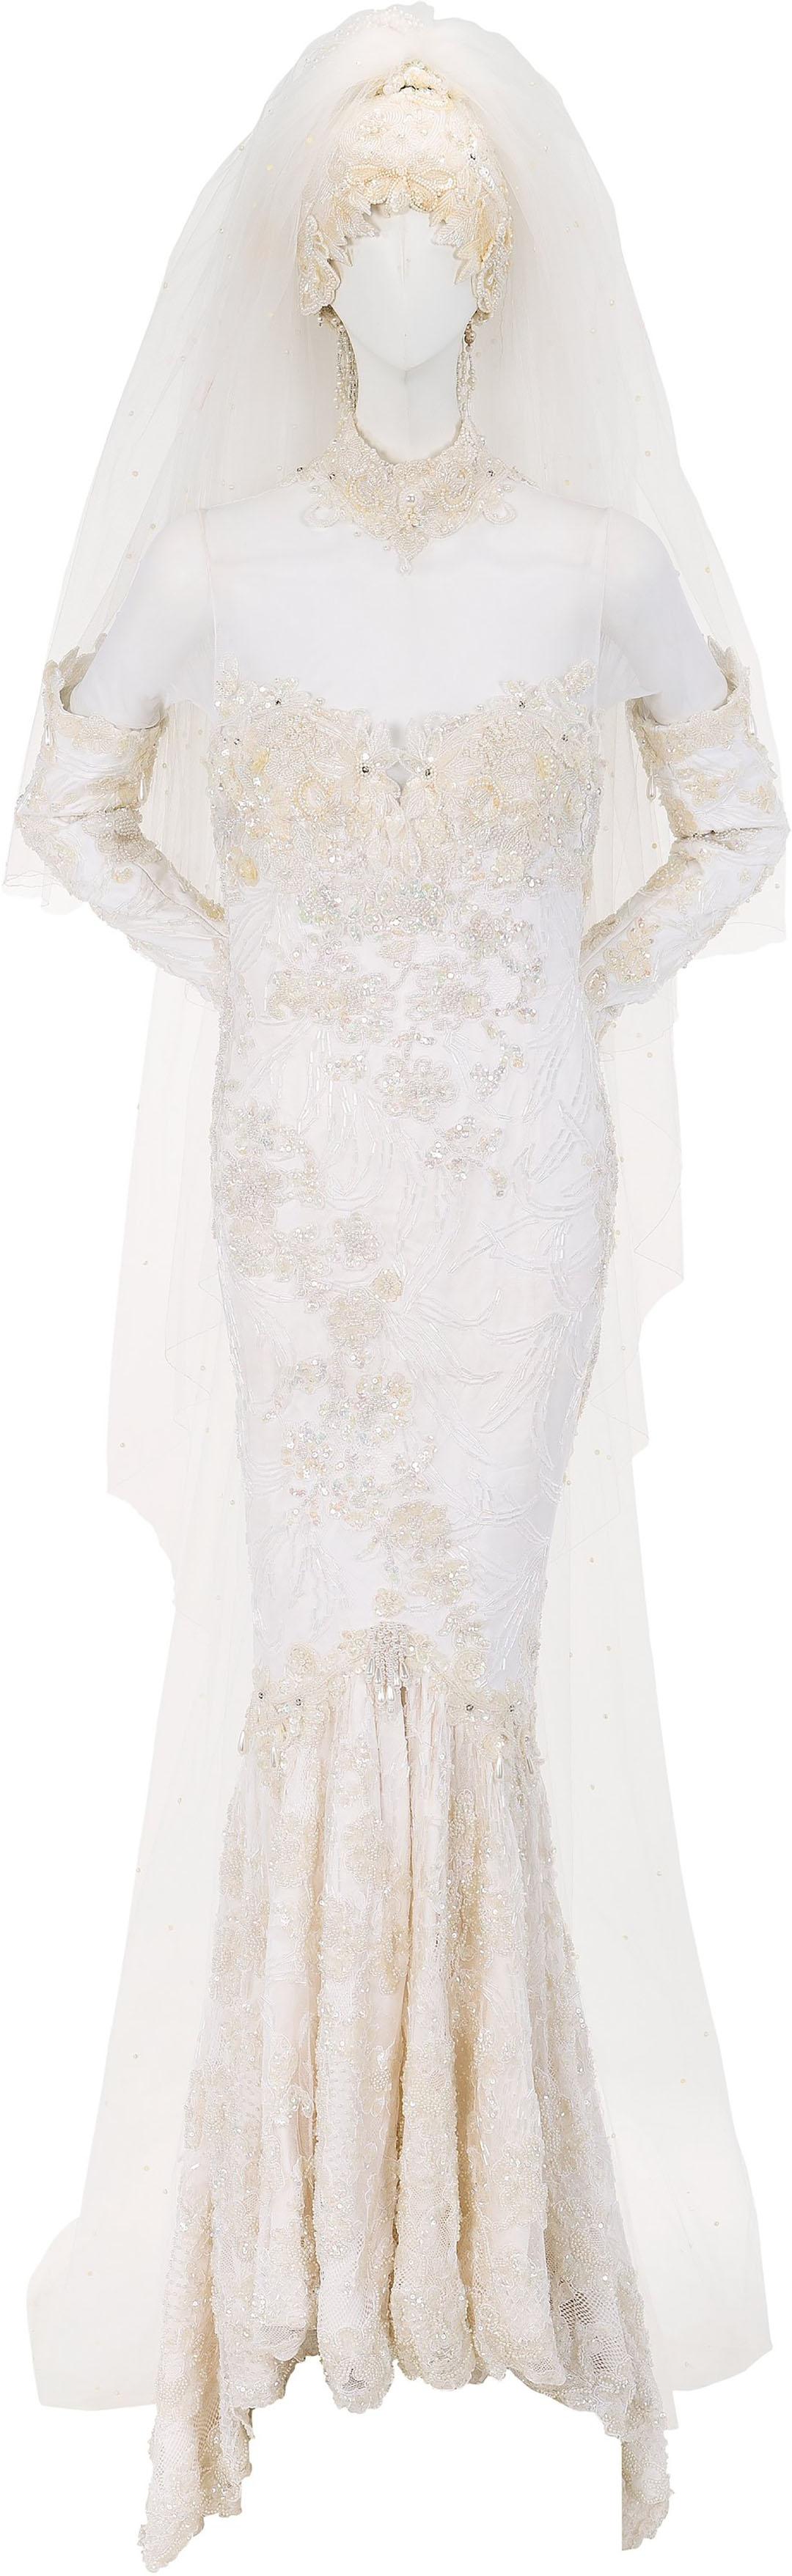 whitney houston wedding dress splash